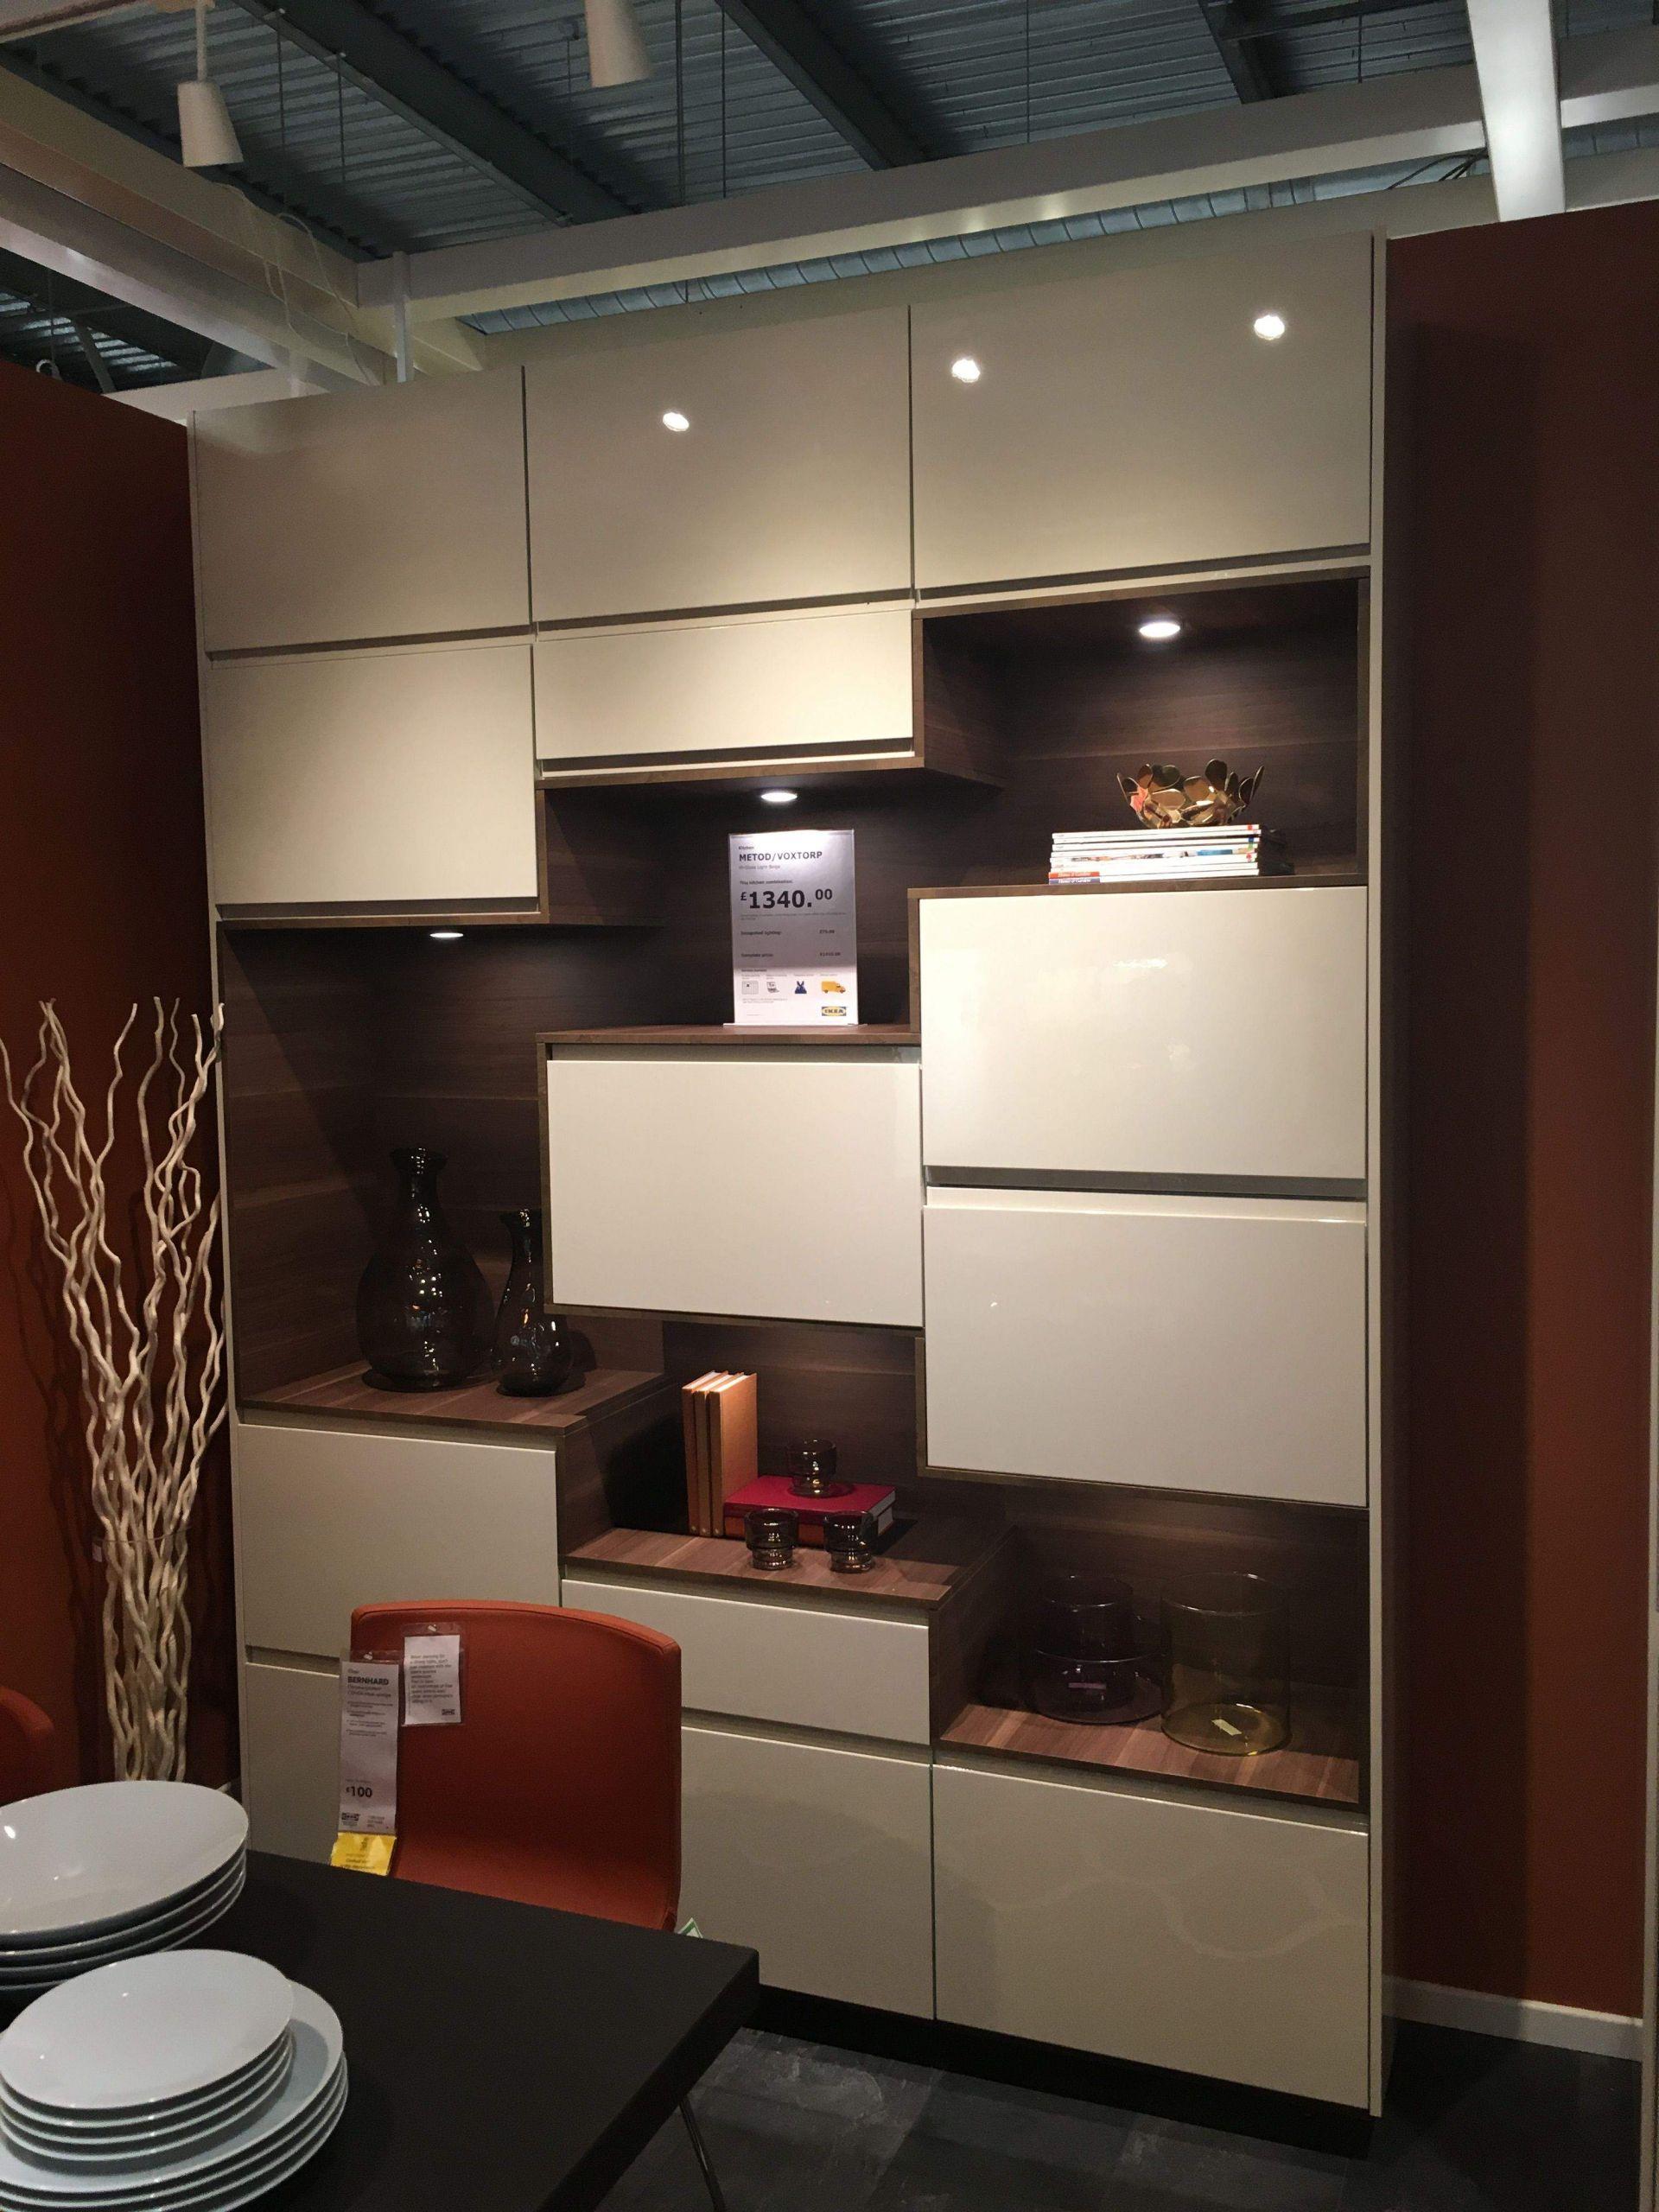 Full Size of Voxtorp Küche Ikea Alno Arbeitsplatten Günstig Kaufen Barhocker Inselküche Mülltonne Led Panel Wandtattoos Jalousieschrank Deckenleuchte Singelküche Wohnzimmer Voxtorp Küche Ikea